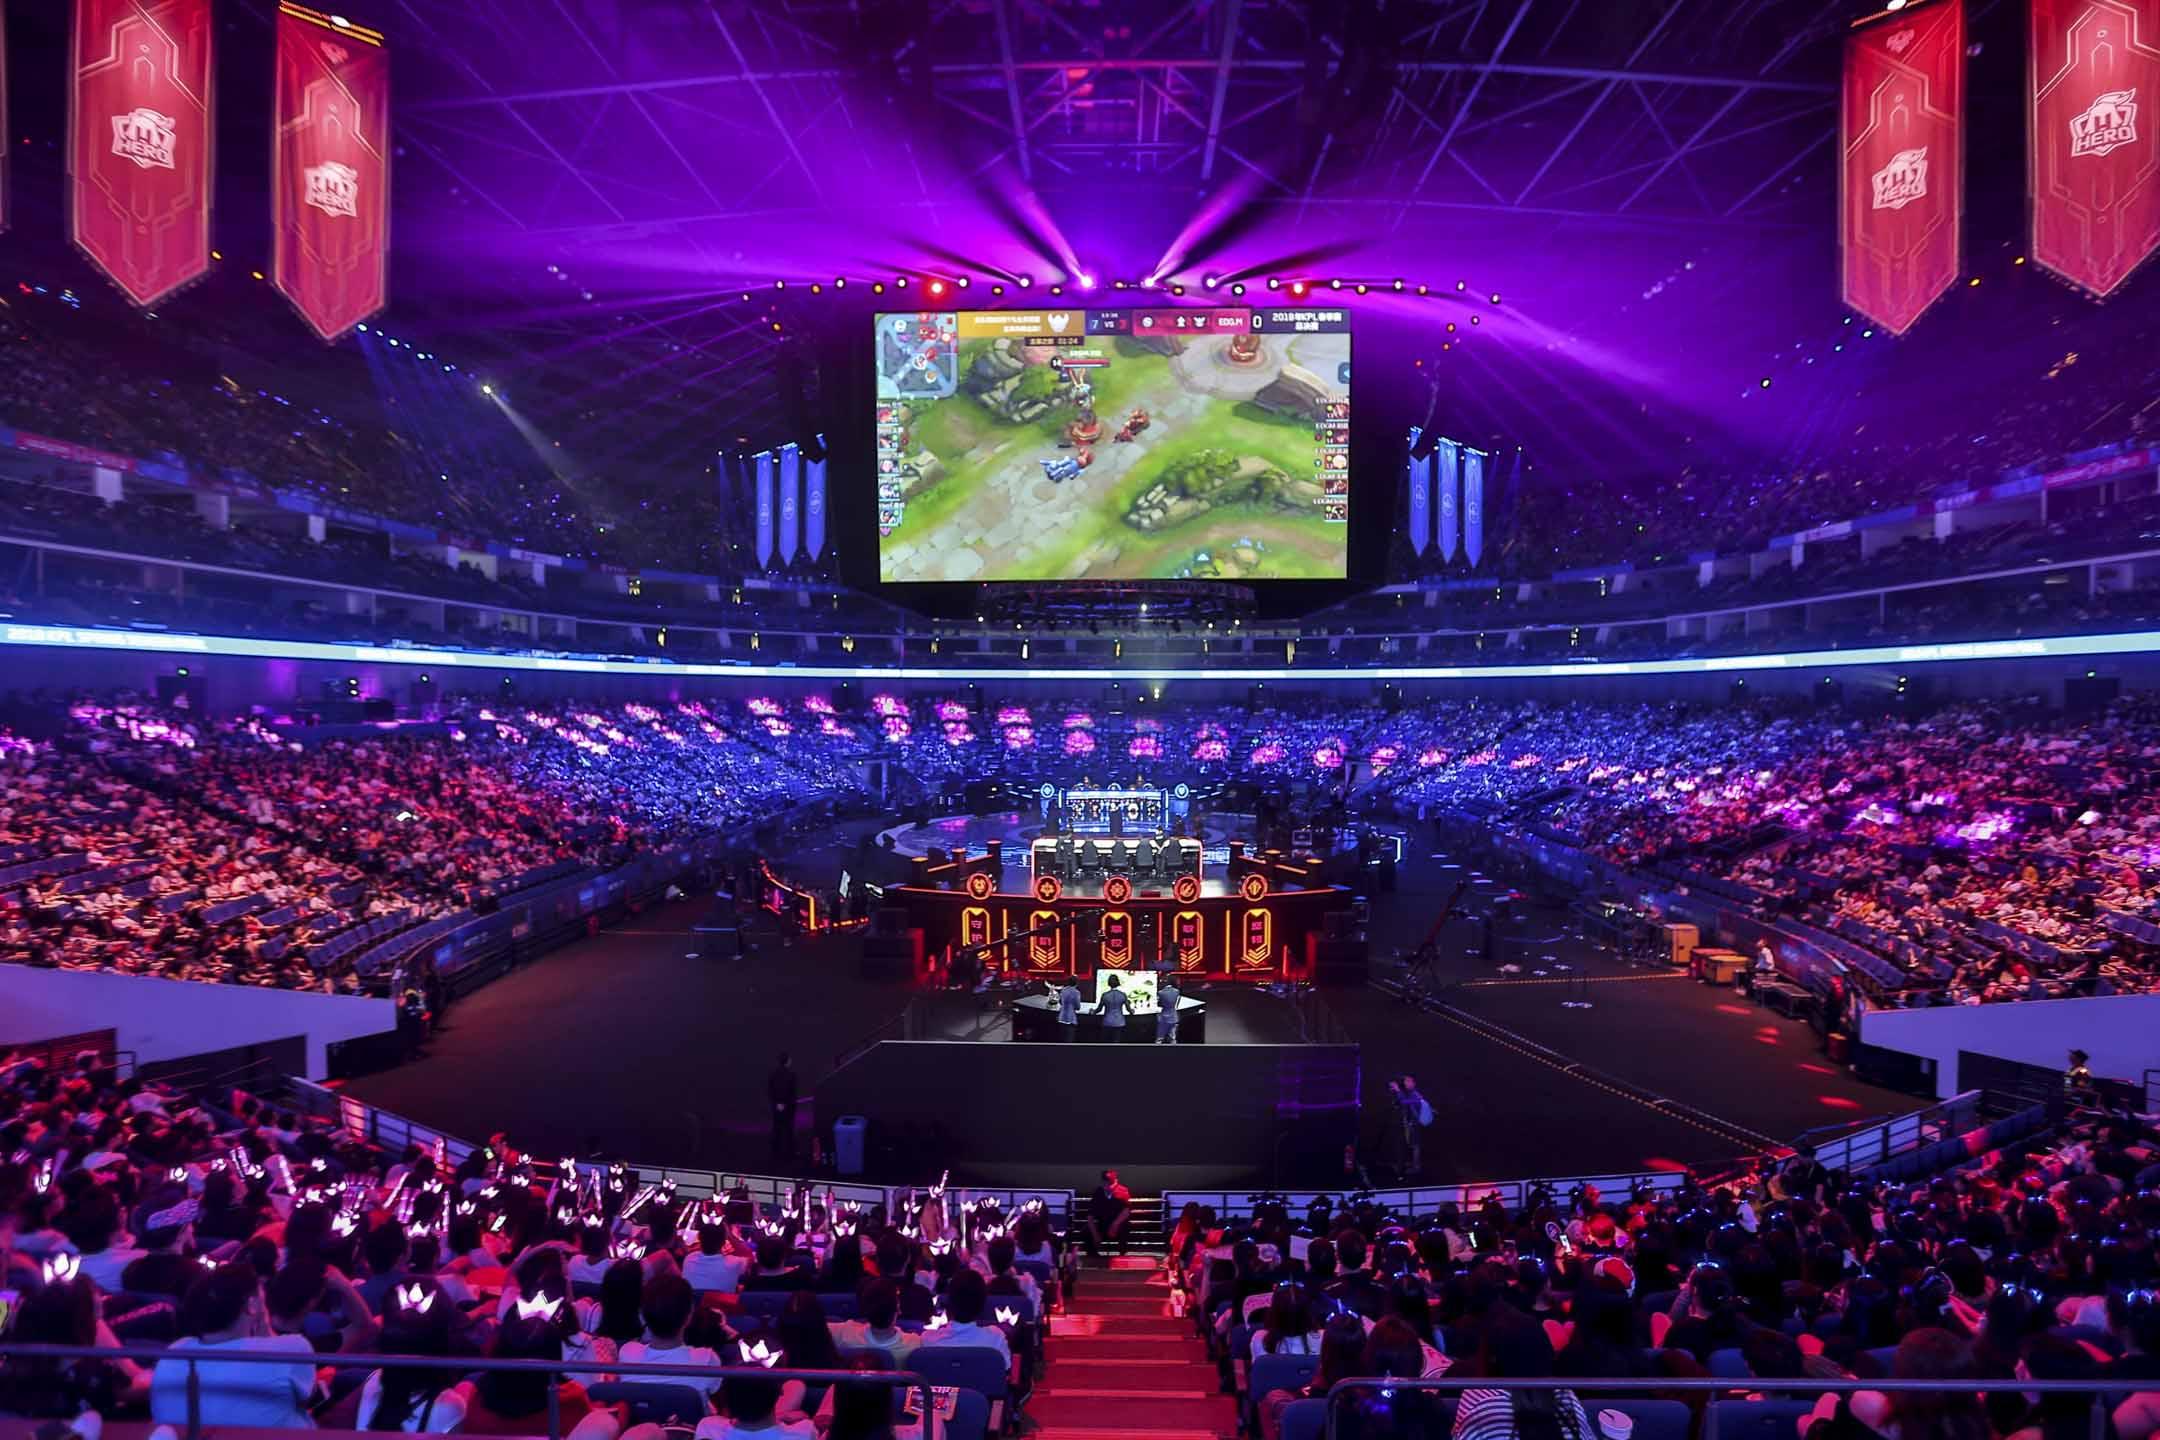 2018年3月,遊戲版號的審批工作突然暫停,令這個全球最大的、價值二千億元的遊戲市場,陷入焦灼。沒有人知道審批會在何時恢復。圖為2018年7月8日,上海「KPL王者榮耀」職業聯賽春季賽。